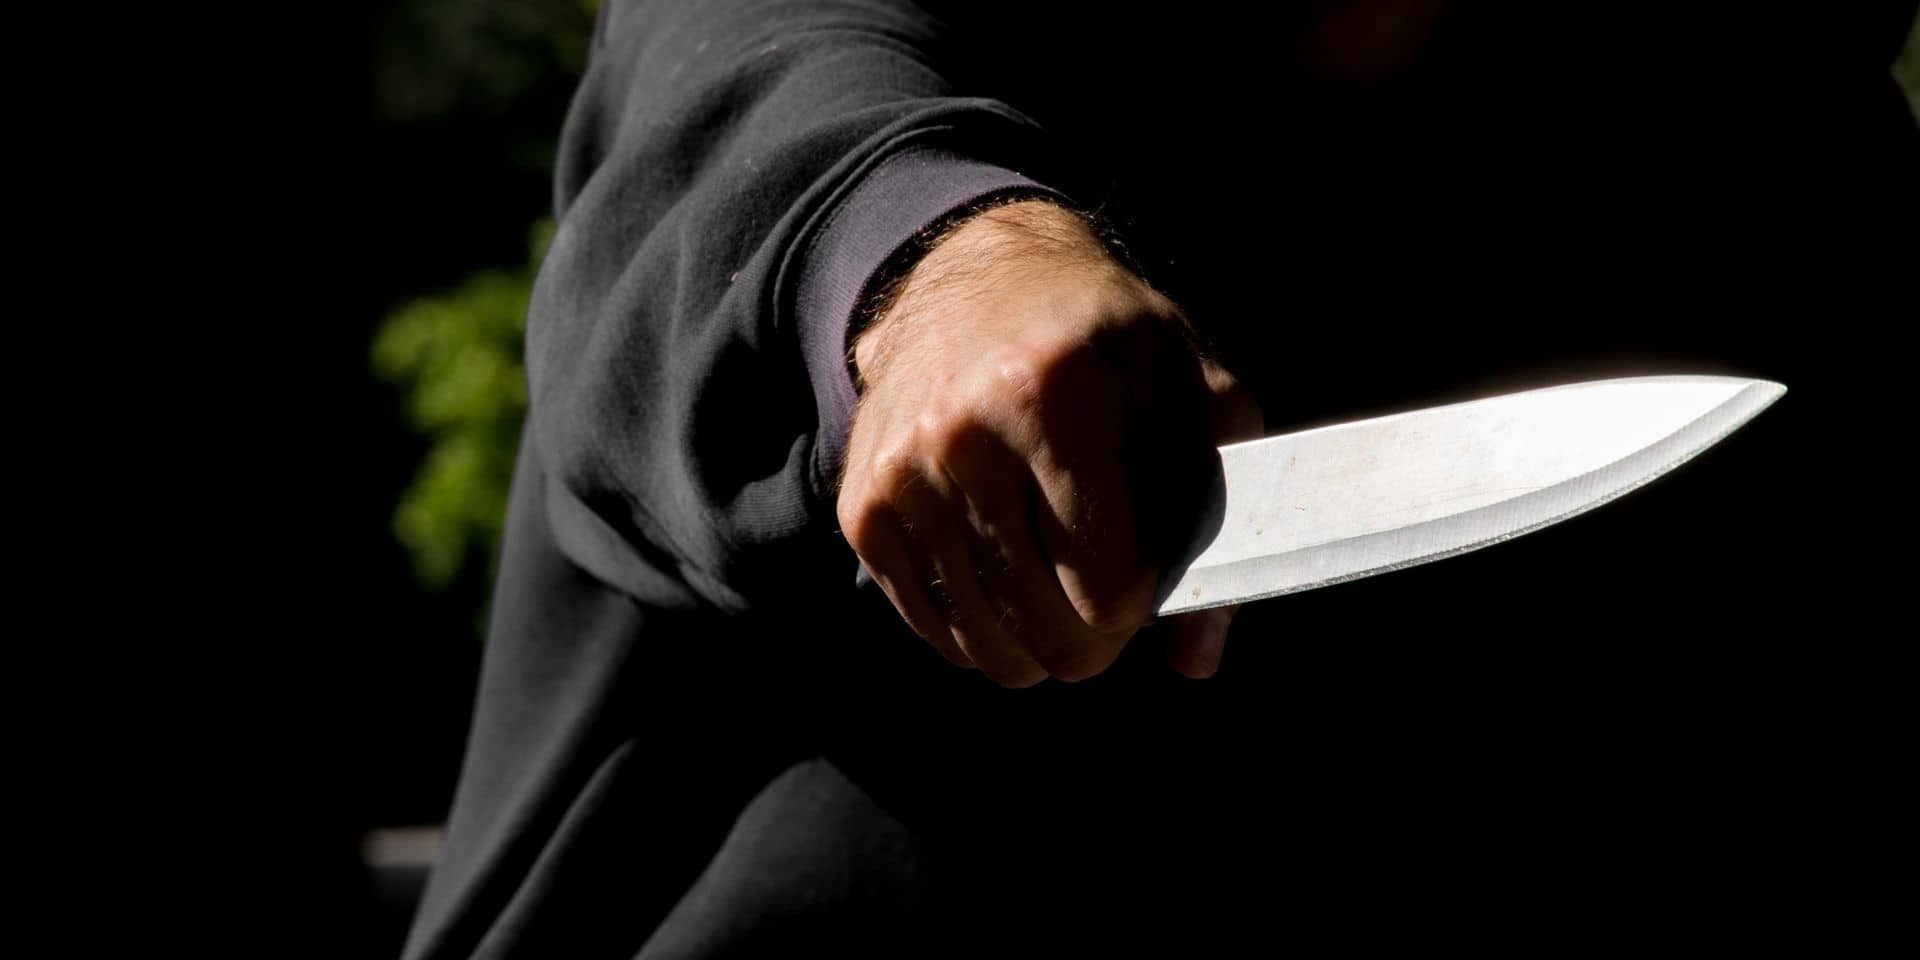 Un adolescent grièvement blessé au couteau dans une maison d'accueil à Braine-l'Alleud